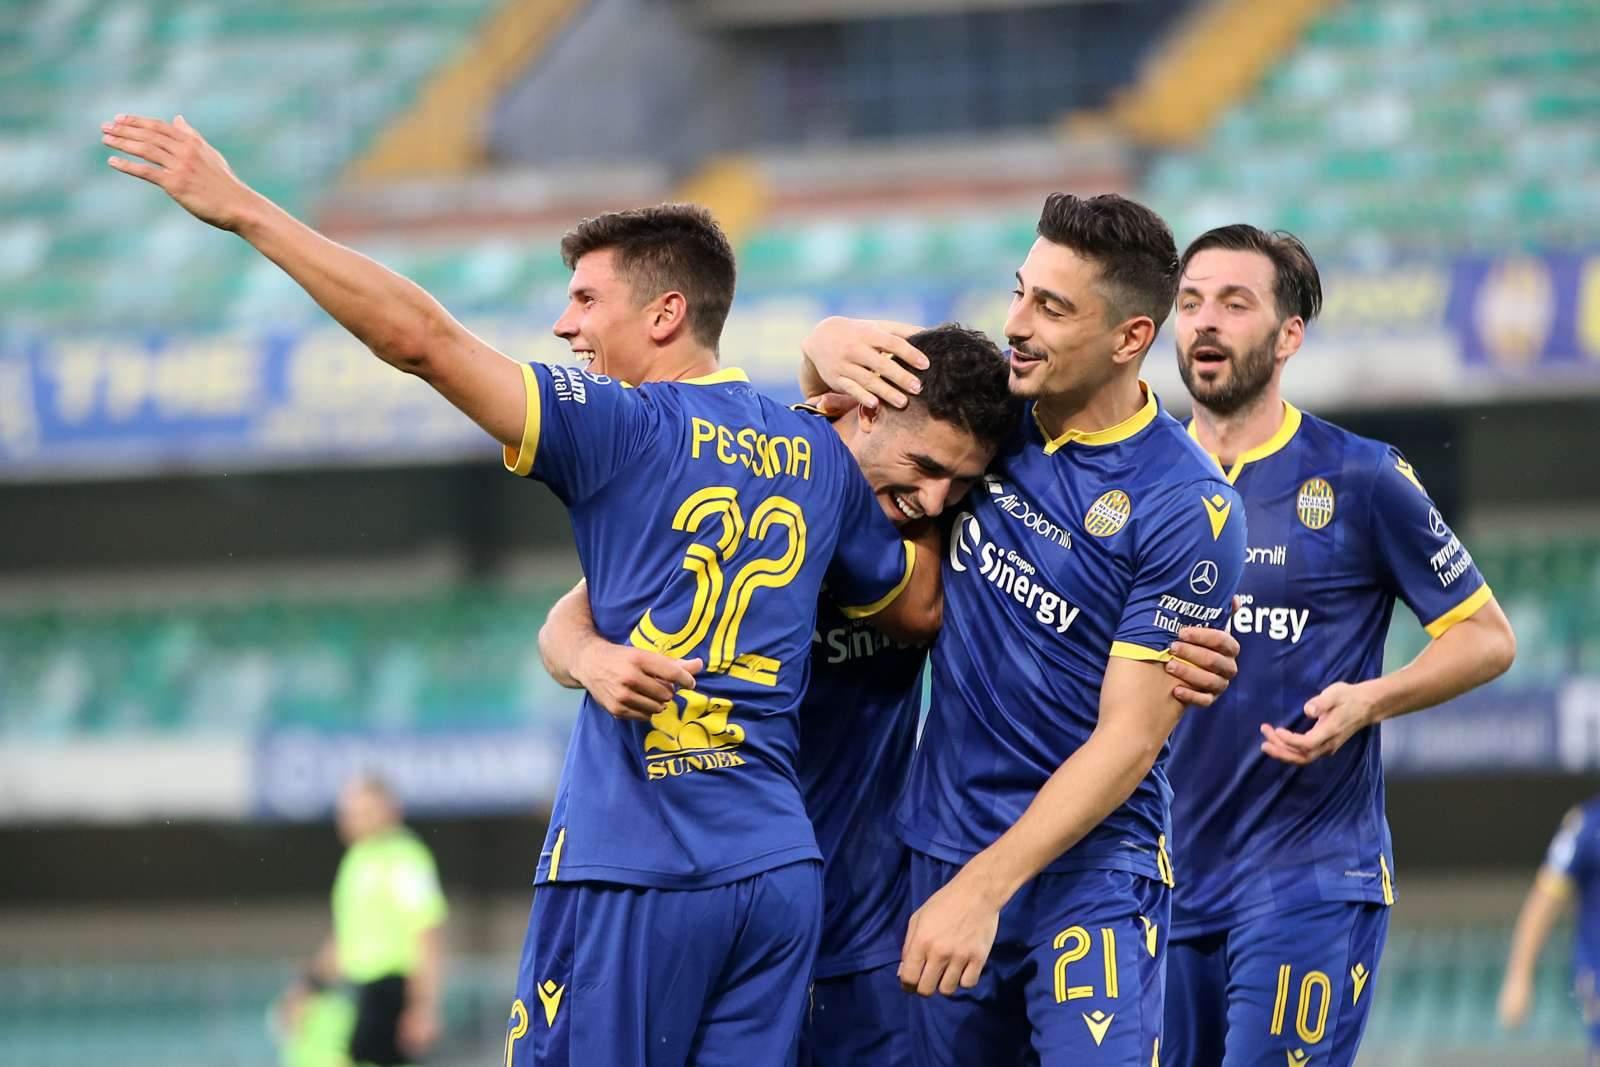 «Верона» - «Катанзаро»: прогноз на матч 1/32 финала Кубка Италии - 14 августа 2021